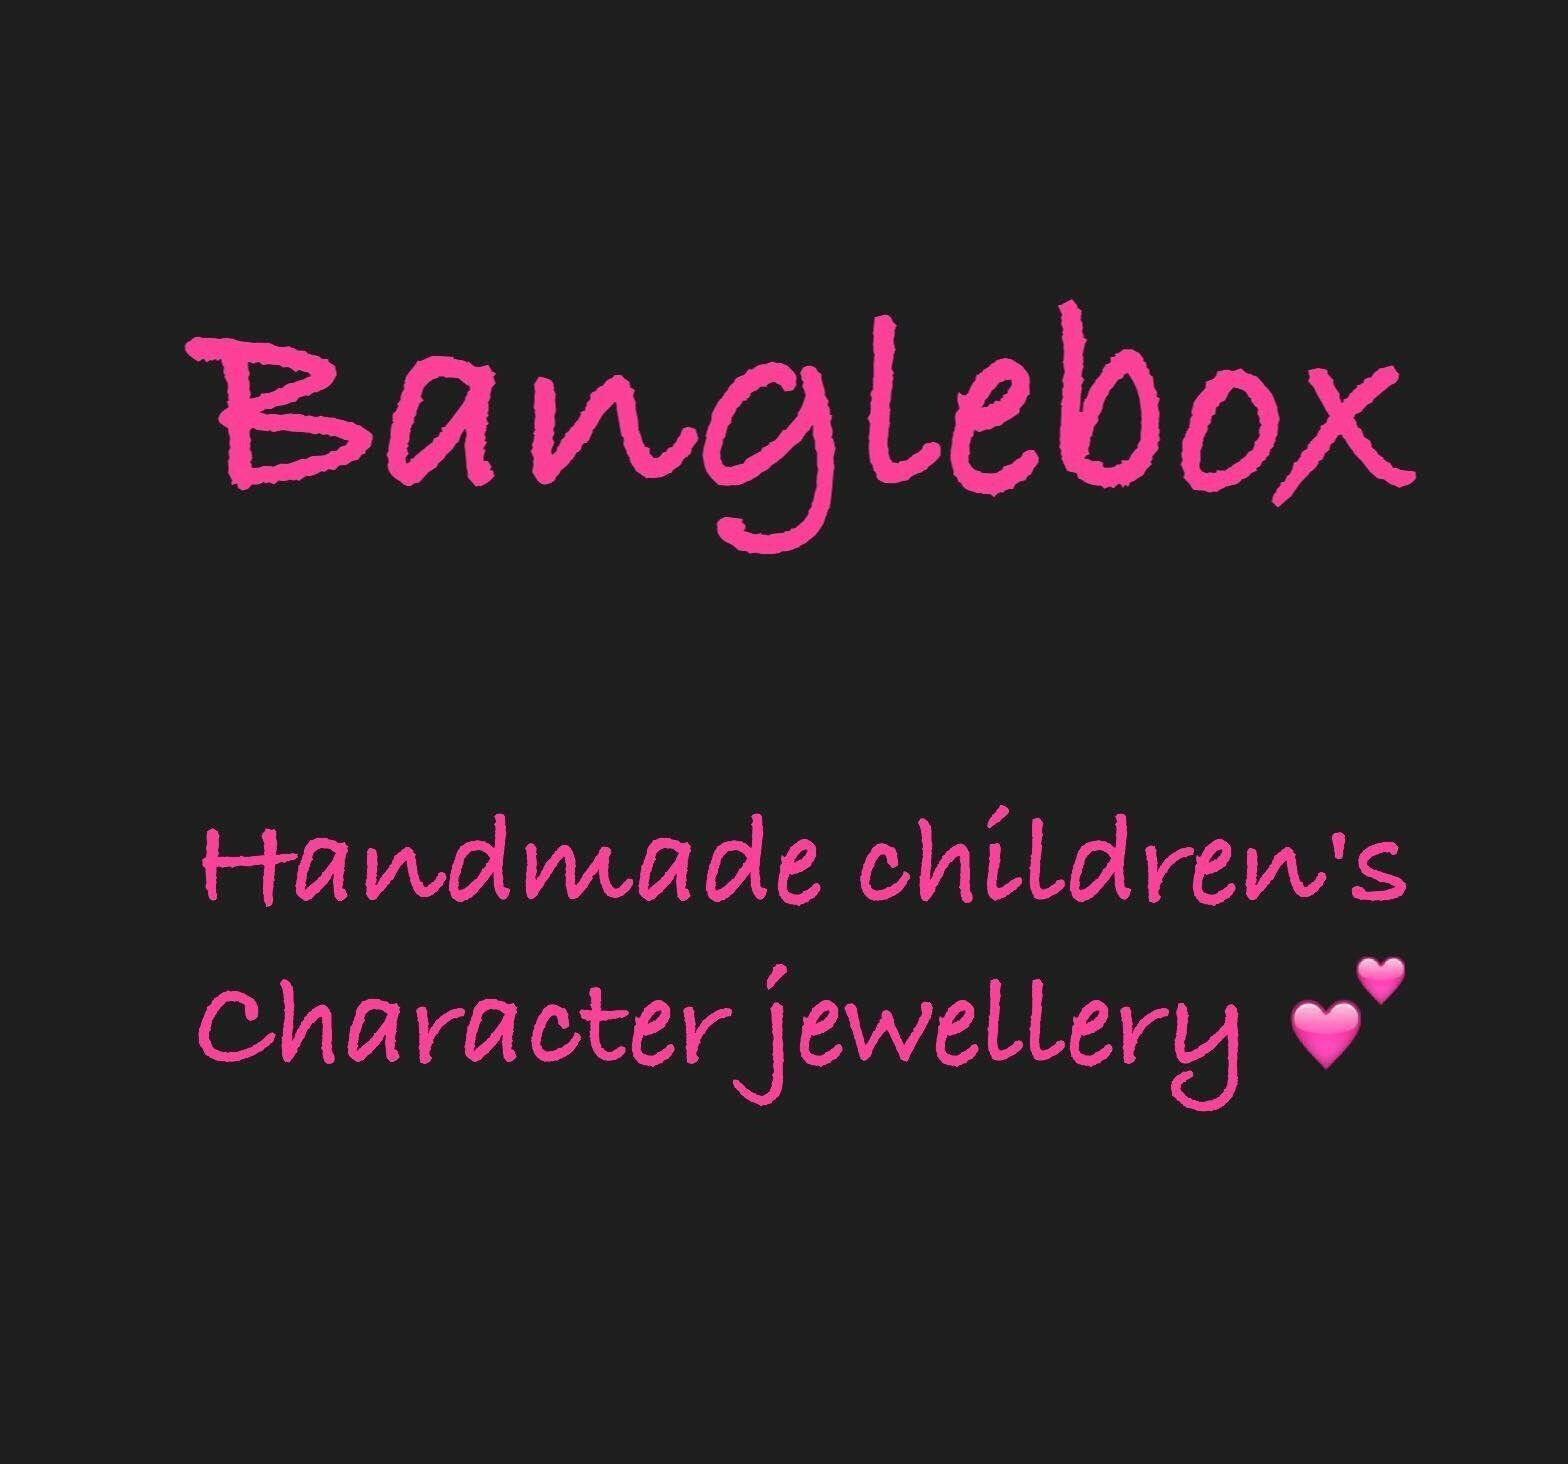 bangle66